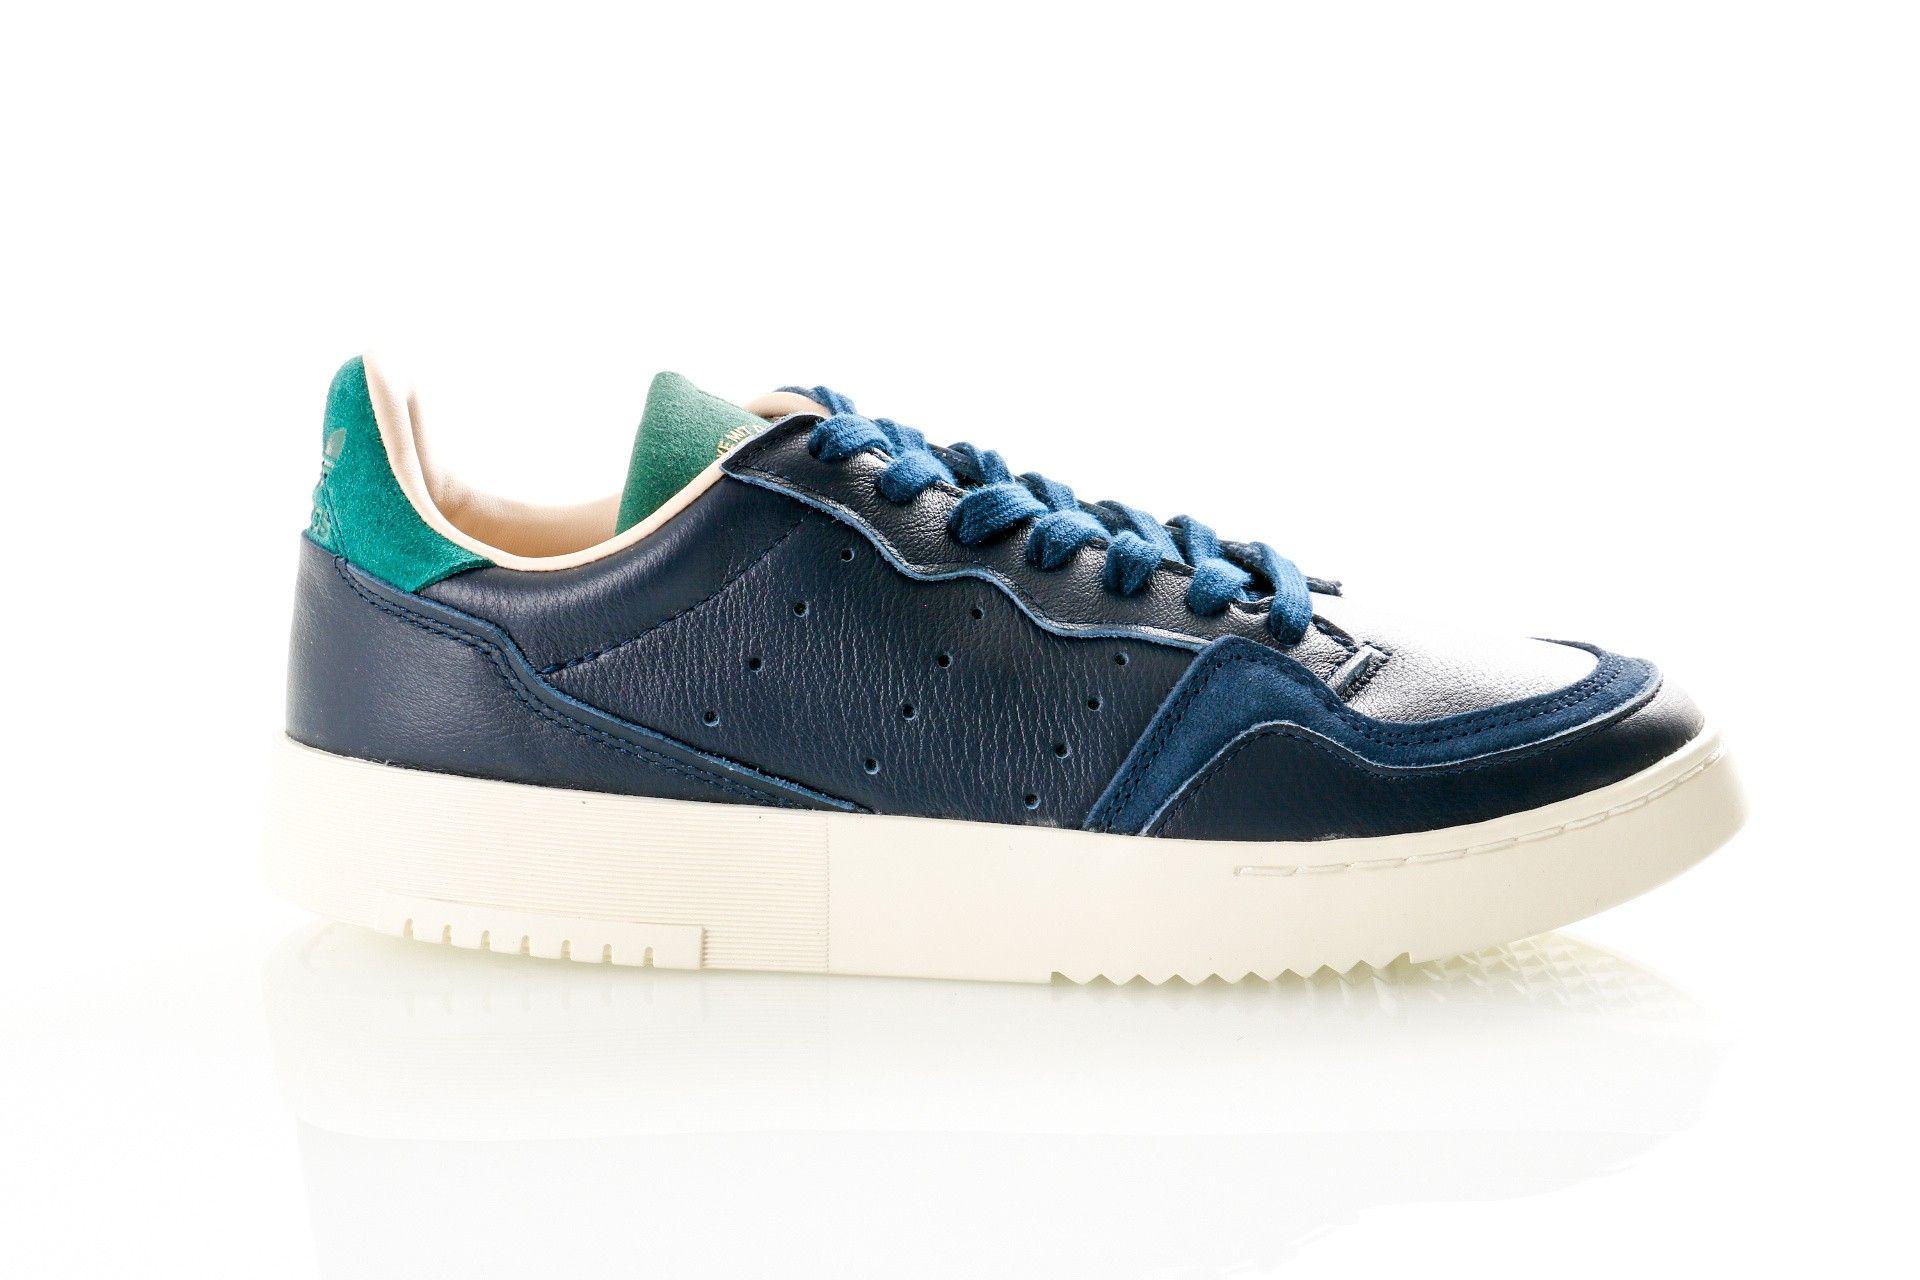 Afbeelding van Adidas Supercourt Ee6036 Sneakers Conavy/Conavy/Cgreen